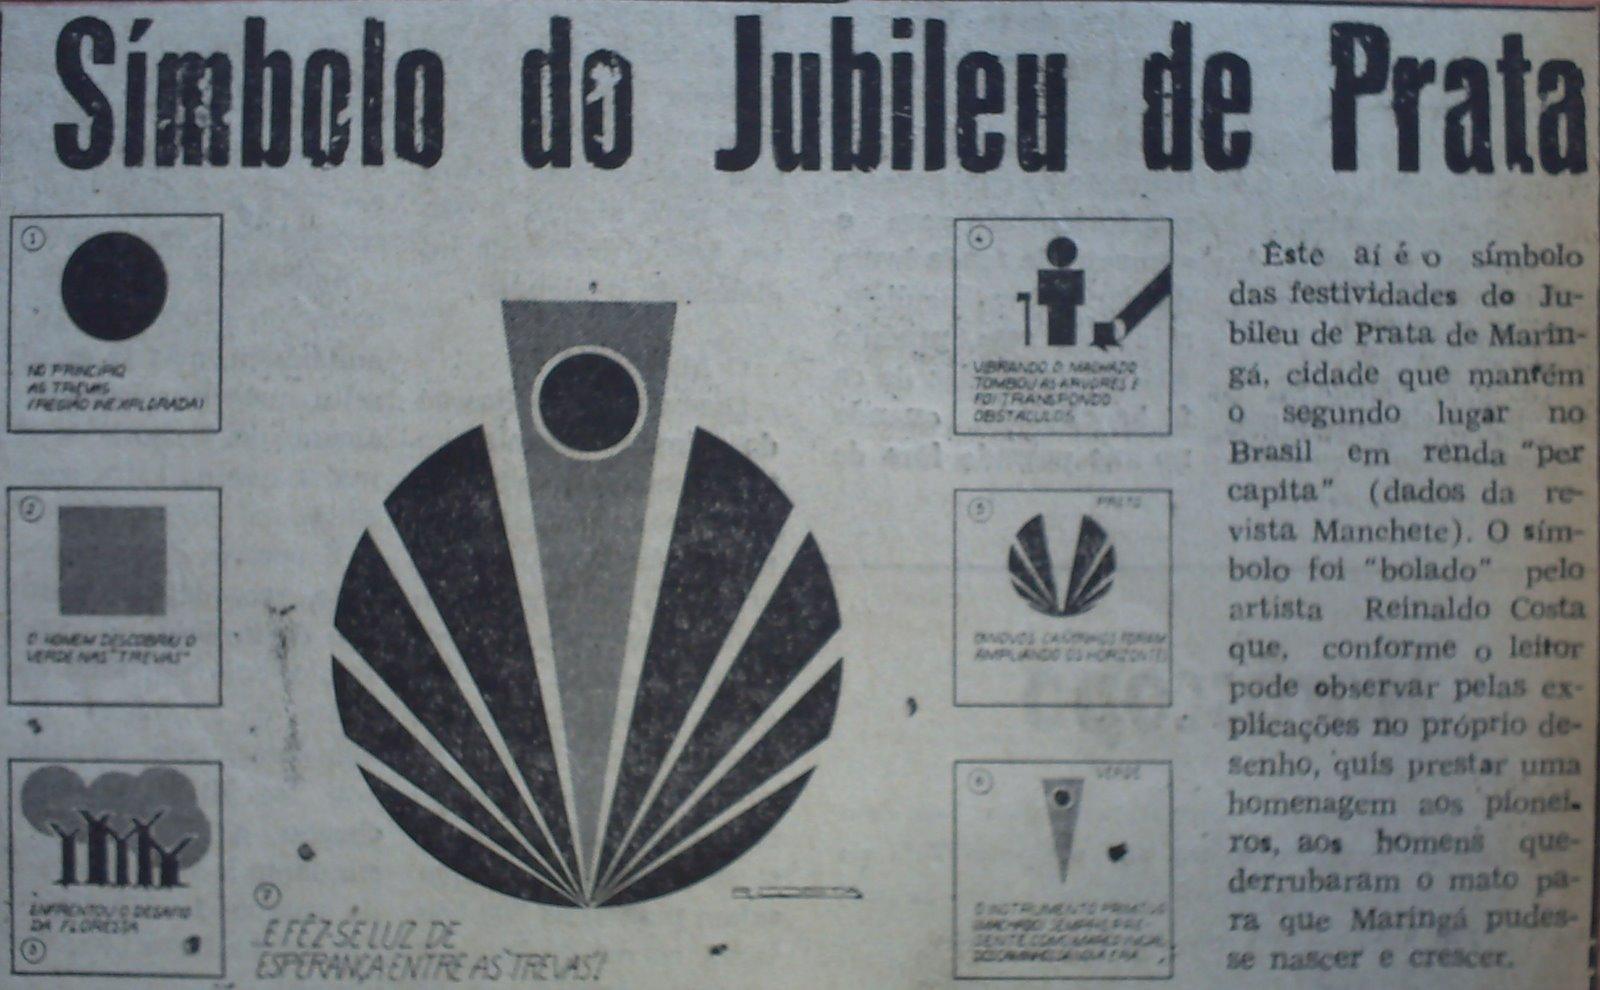 Explicação do Símbolo do Jubileu de Prata de Maringá